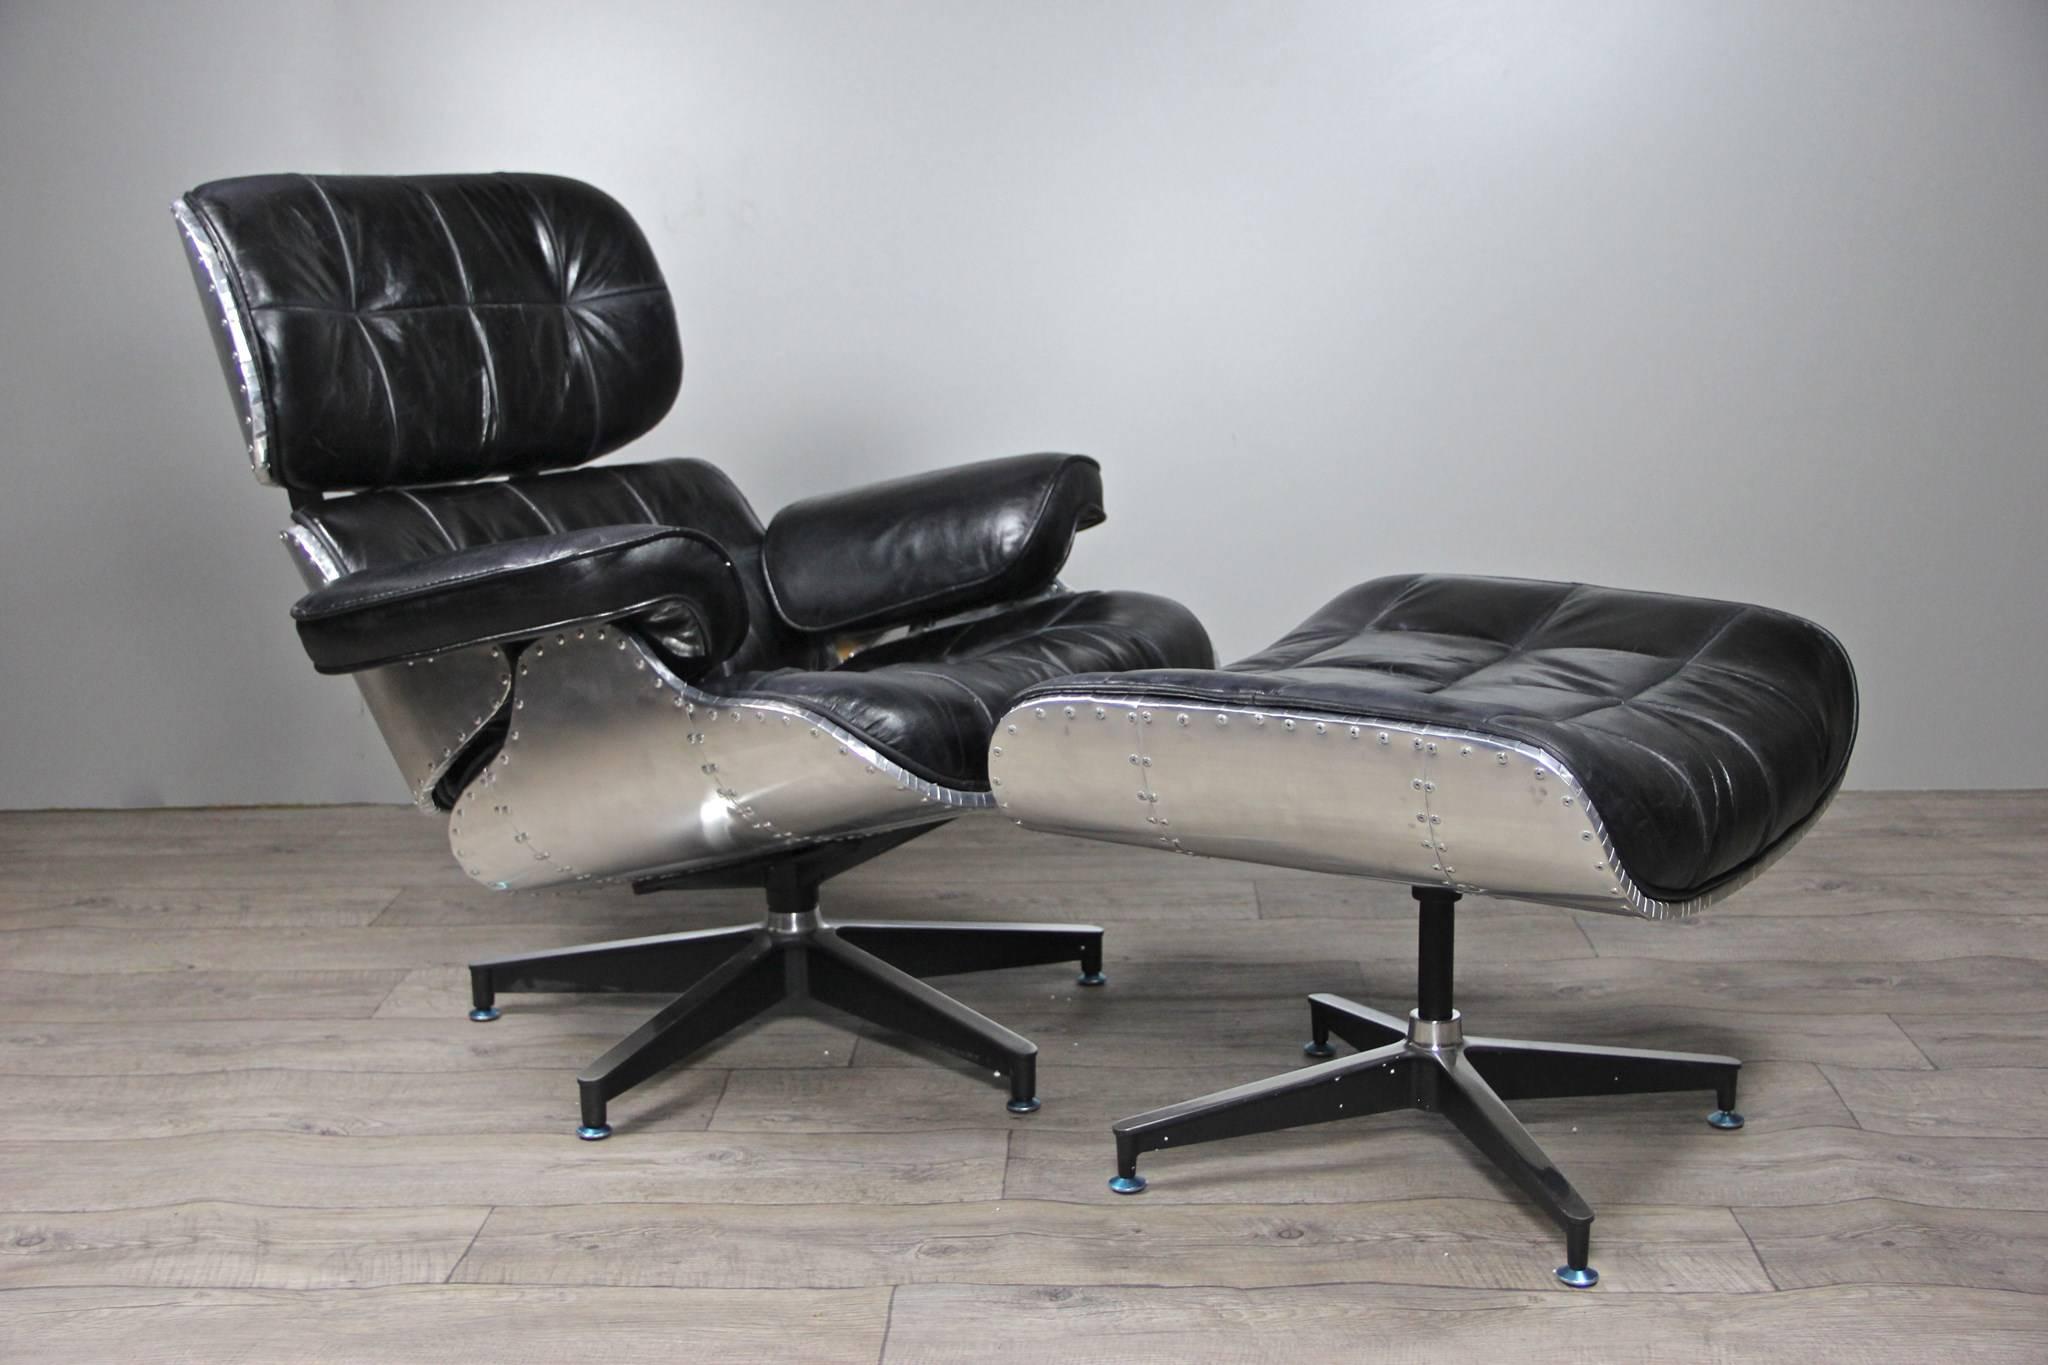 fauteuil aviateur lindbergh et repose pieds cuir noir fauteuils divans. Black Bedroom Furniture Sets. Home Design Ideas